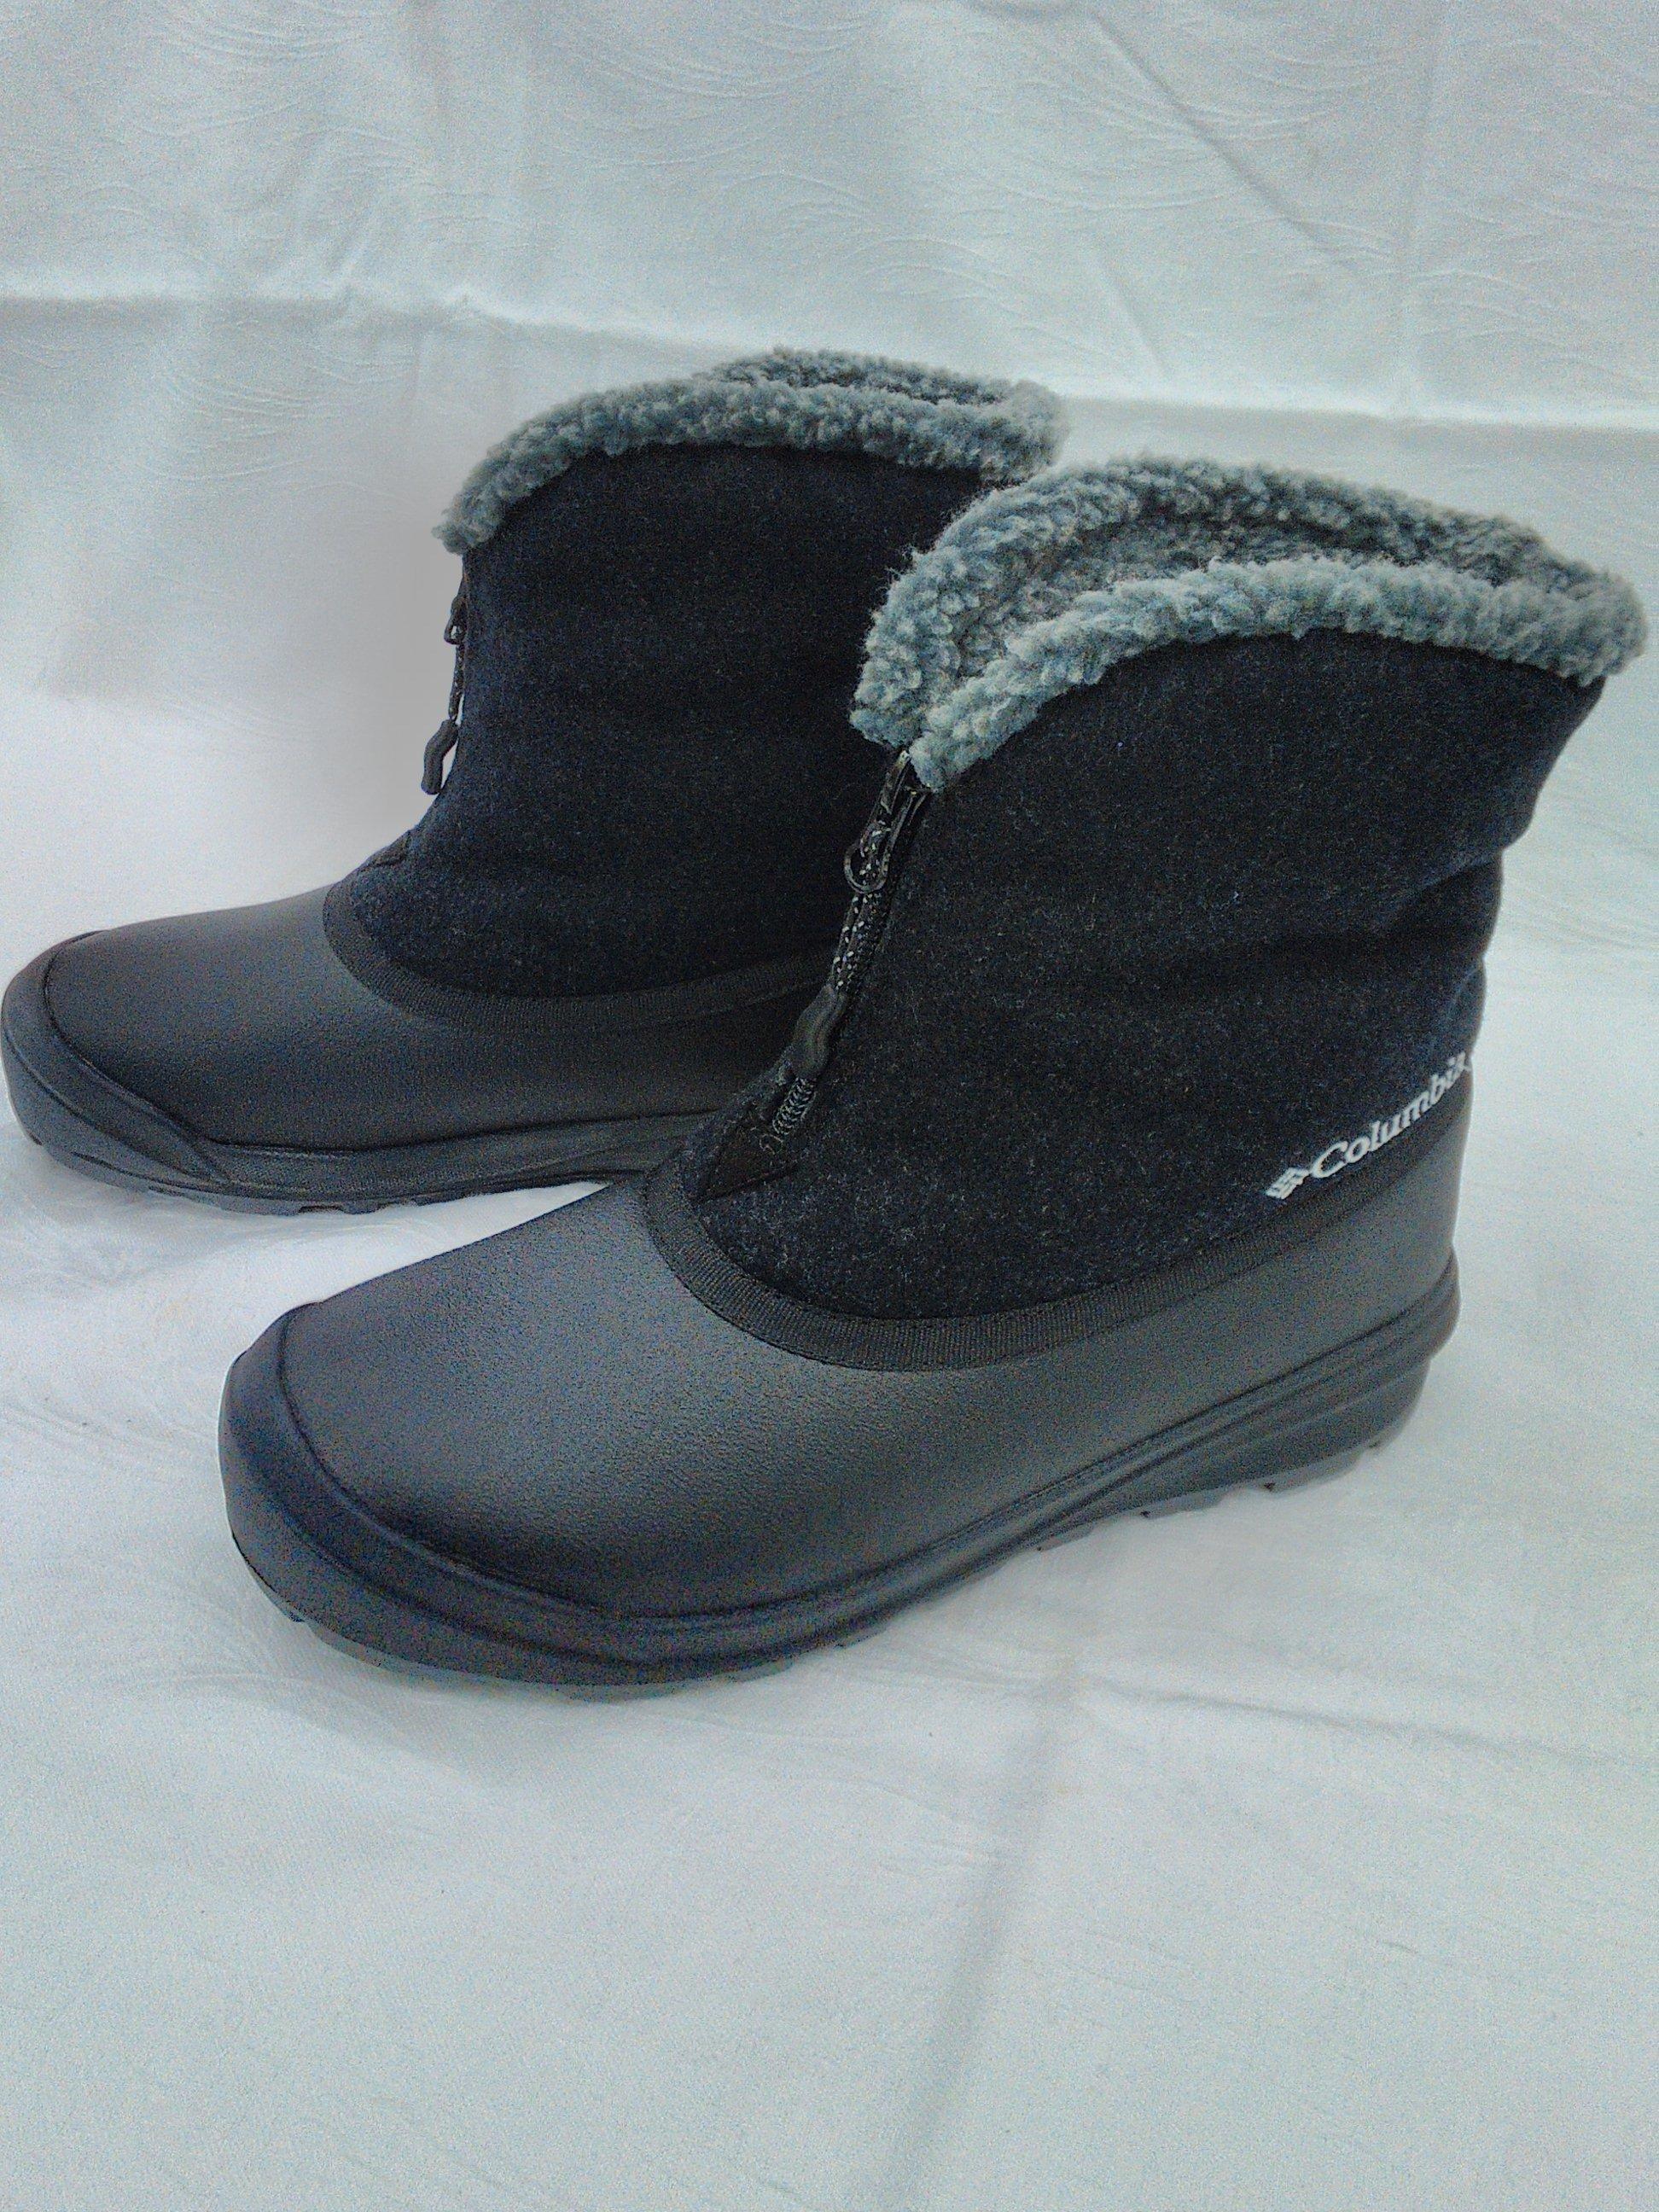 ブーツ COLUMBIA